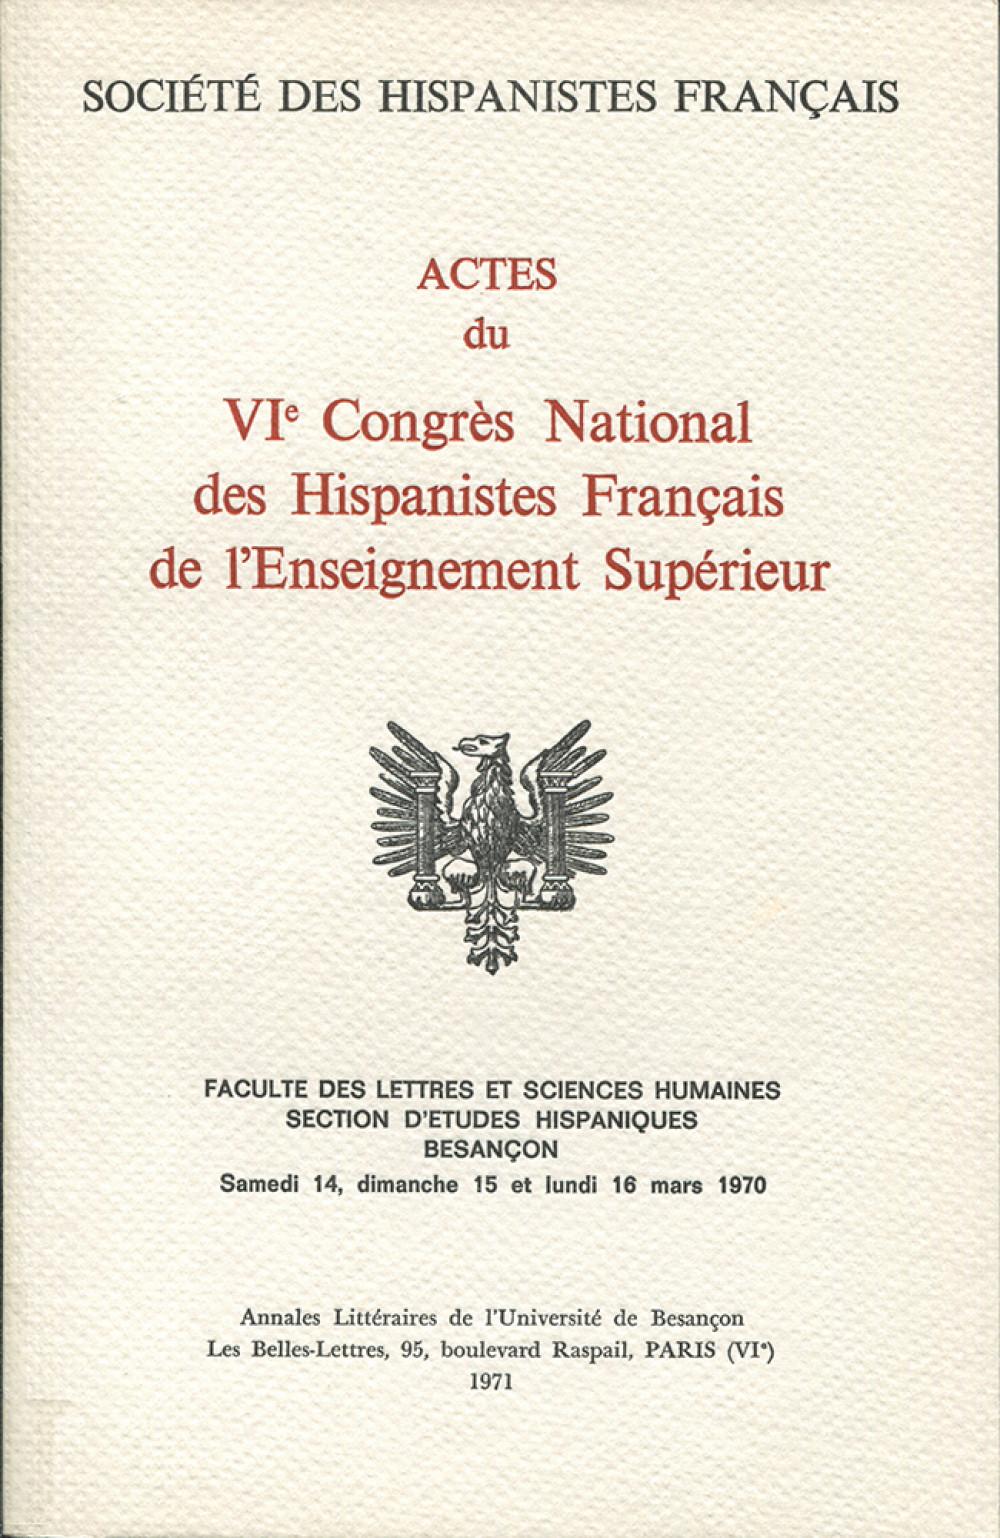 """Actes du <span style=""""font-variant: small-caps"""">VI</span>sup>e</sup> Congrès National des Hispanistes Français de l'Enseignement Supérieur"""